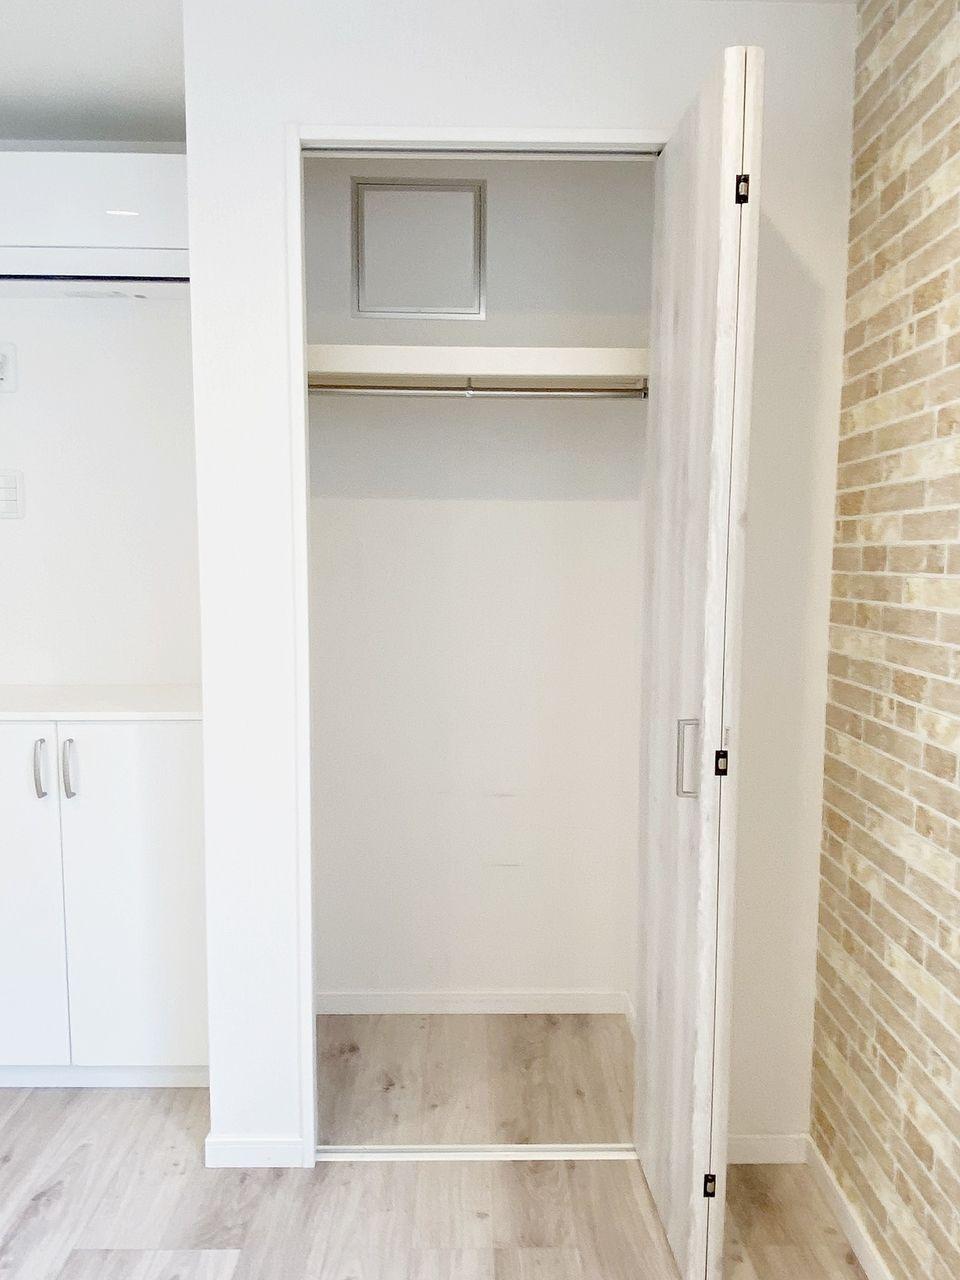 豊島区千早の賃貸マンション オーレ池袋西クローゼットです。上部に棚、中にも棚があります